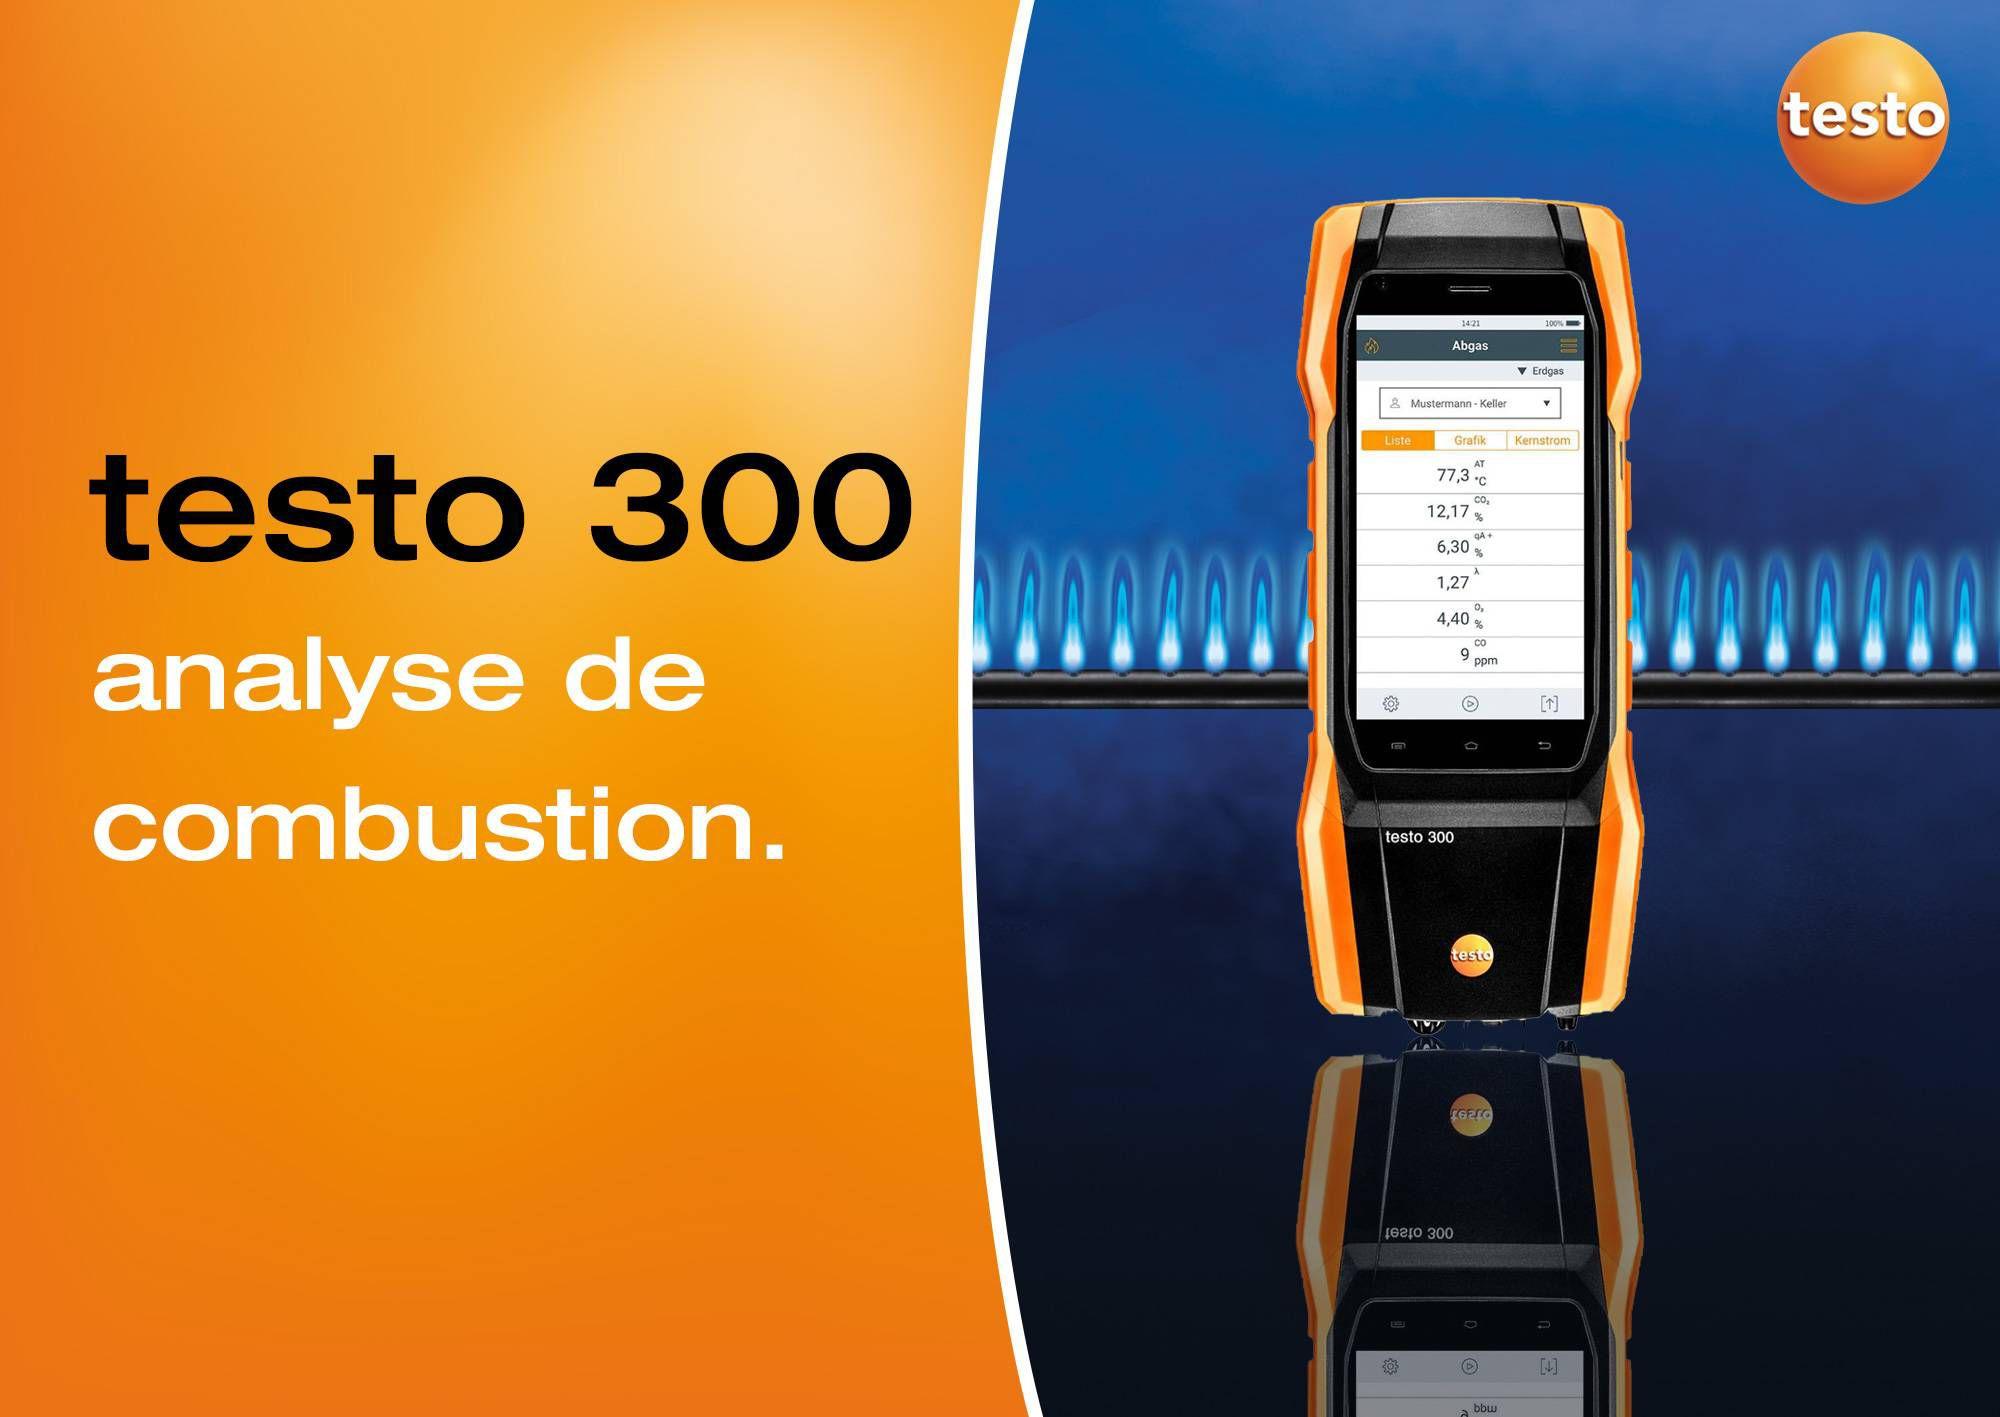 Analyse de combustion avec l'analyseur de combustion testo 300